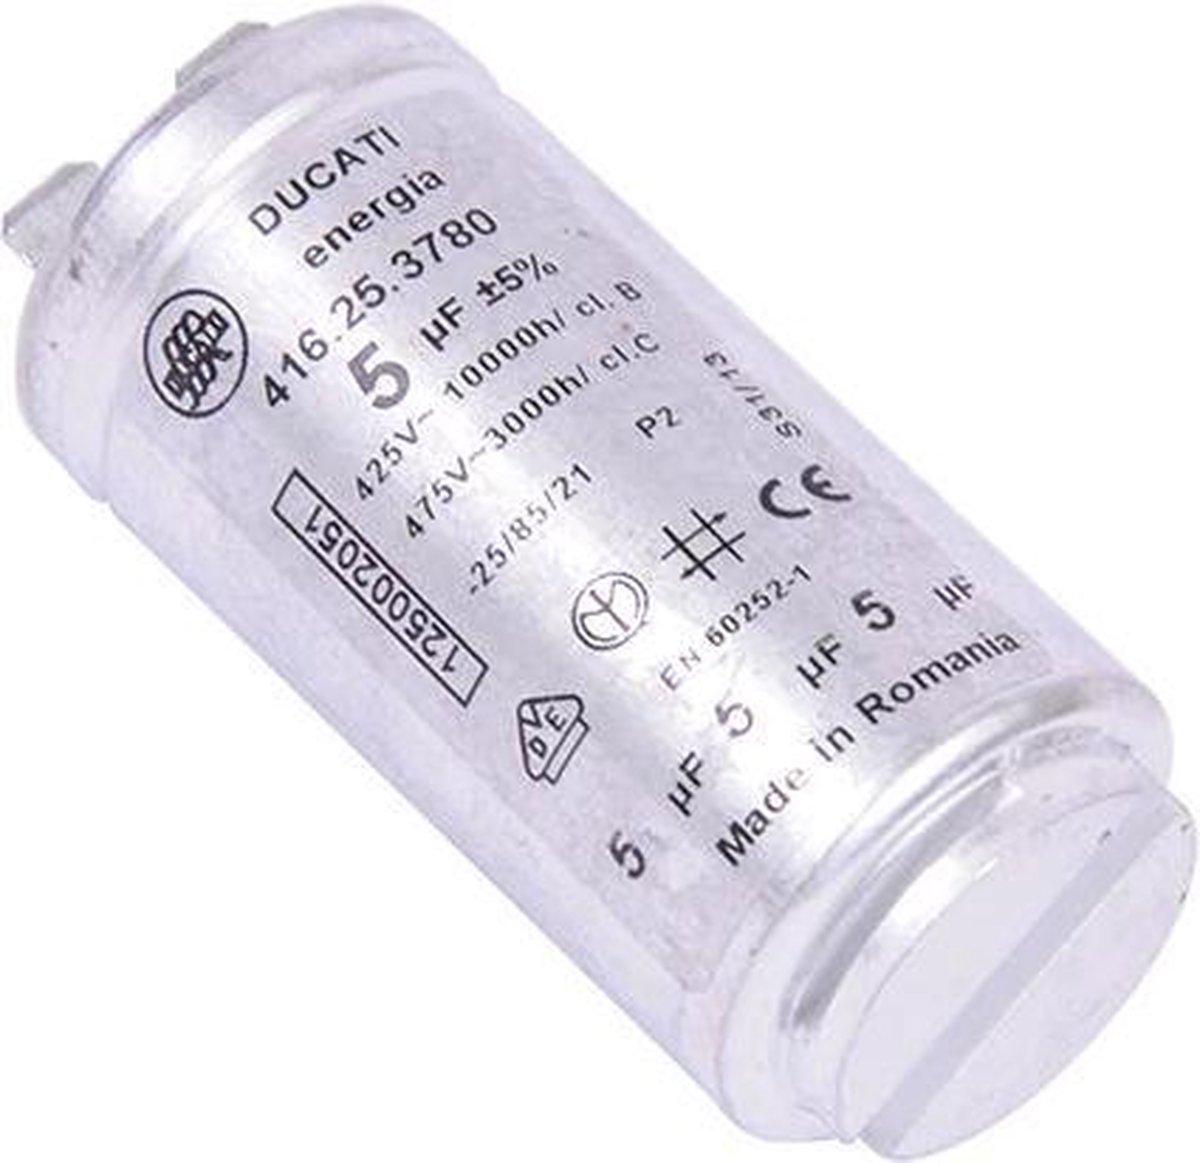 Condensator 5UF 5 uf aanloopcondensator wasdroger droger origineel Aeg Electrolux